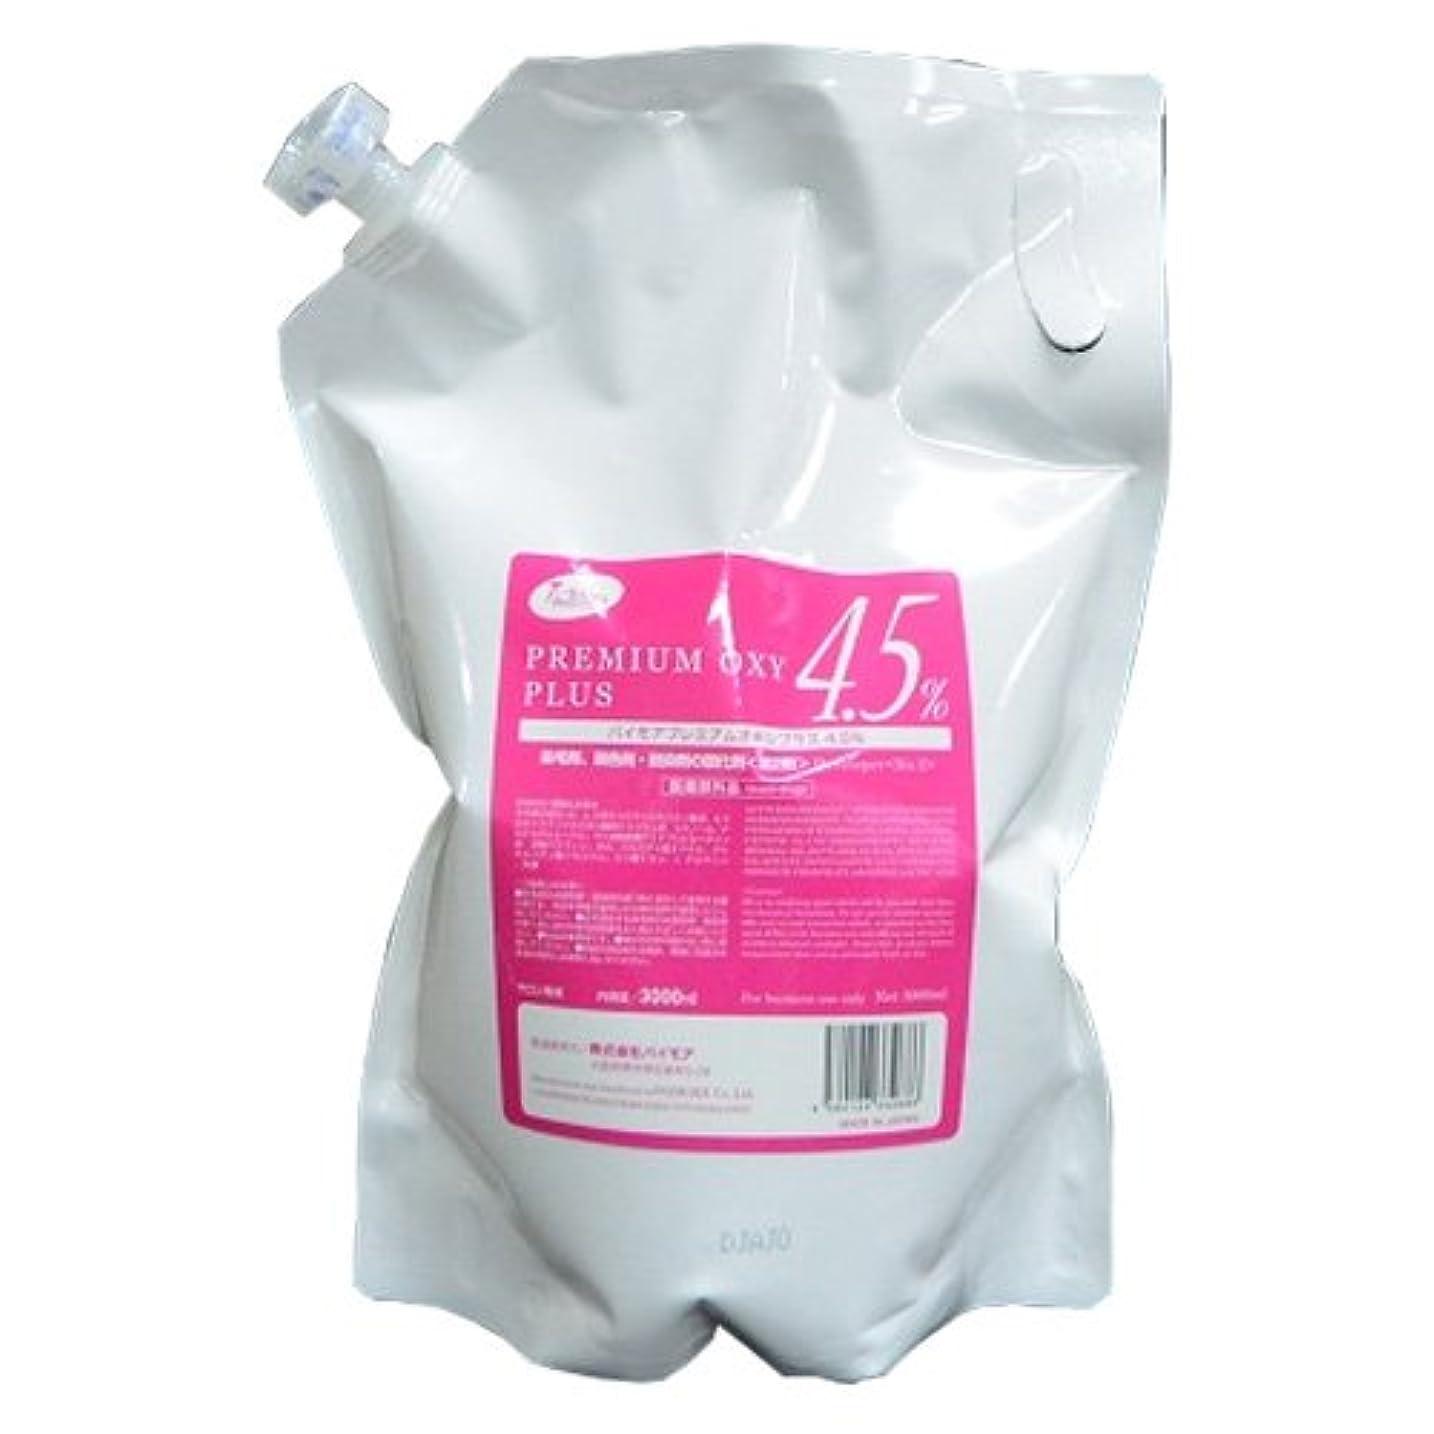 なぞらえる霊耐えられるパイモア プレミアムオキシプラス 4.5%(レフィルタイプ) 3000ml [医薬部外品]